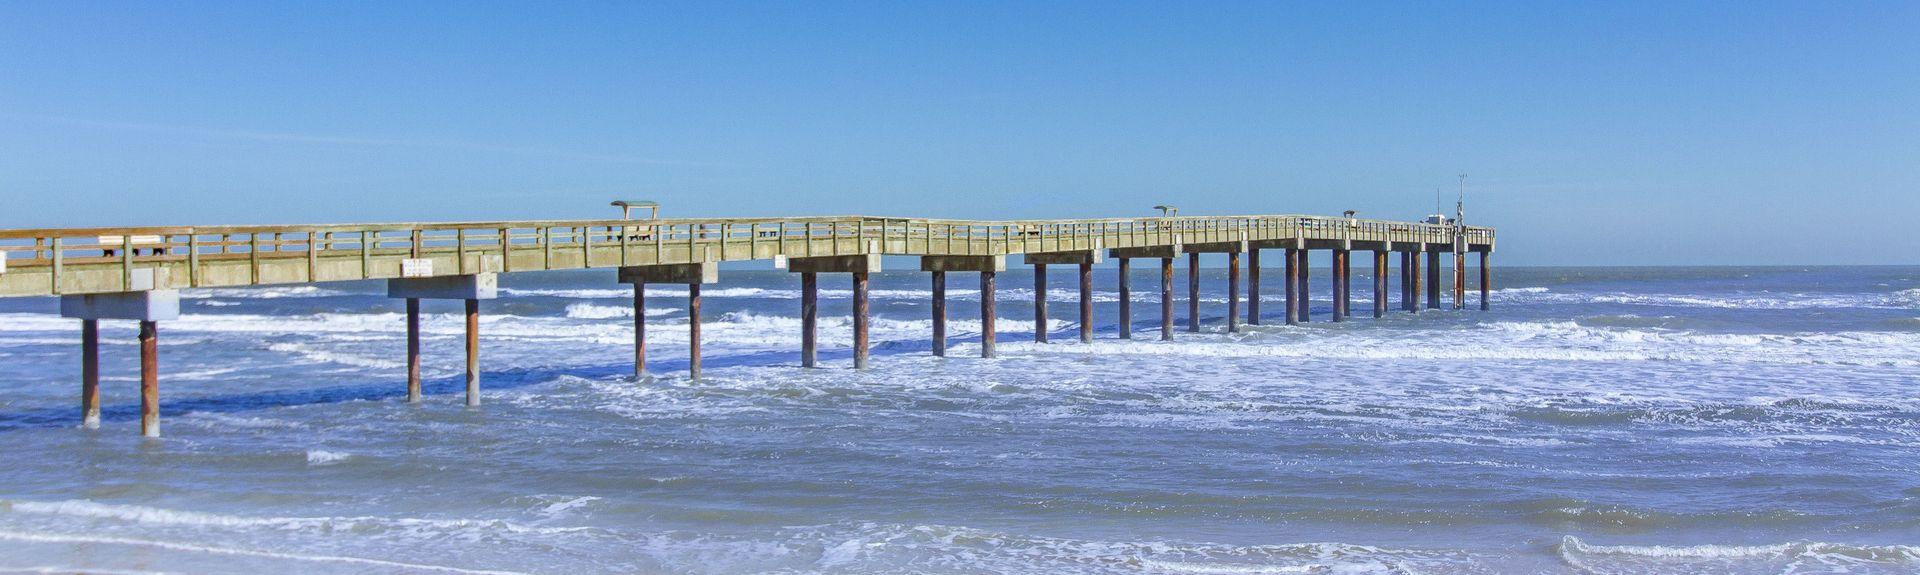 Nocatee, Ponte Vedra Beach, Flórida, Estados Unidos